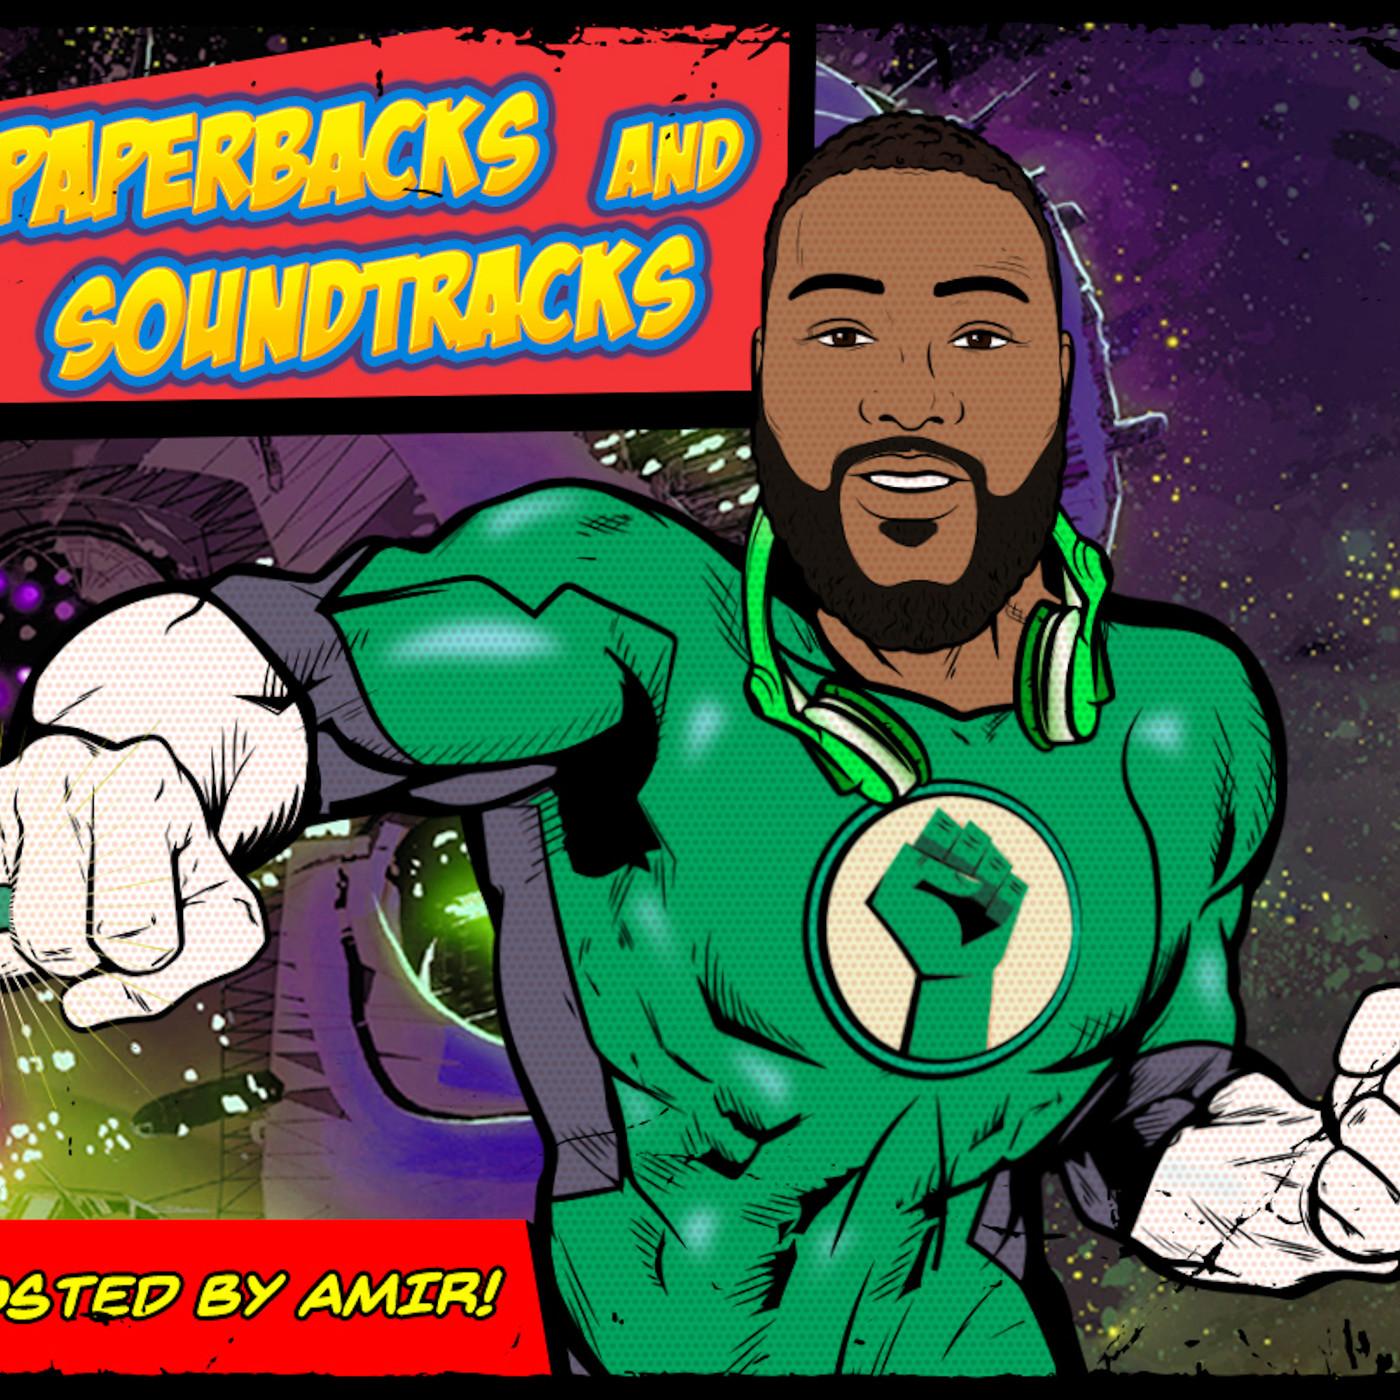 Paperbacks and Soundtracks Sho